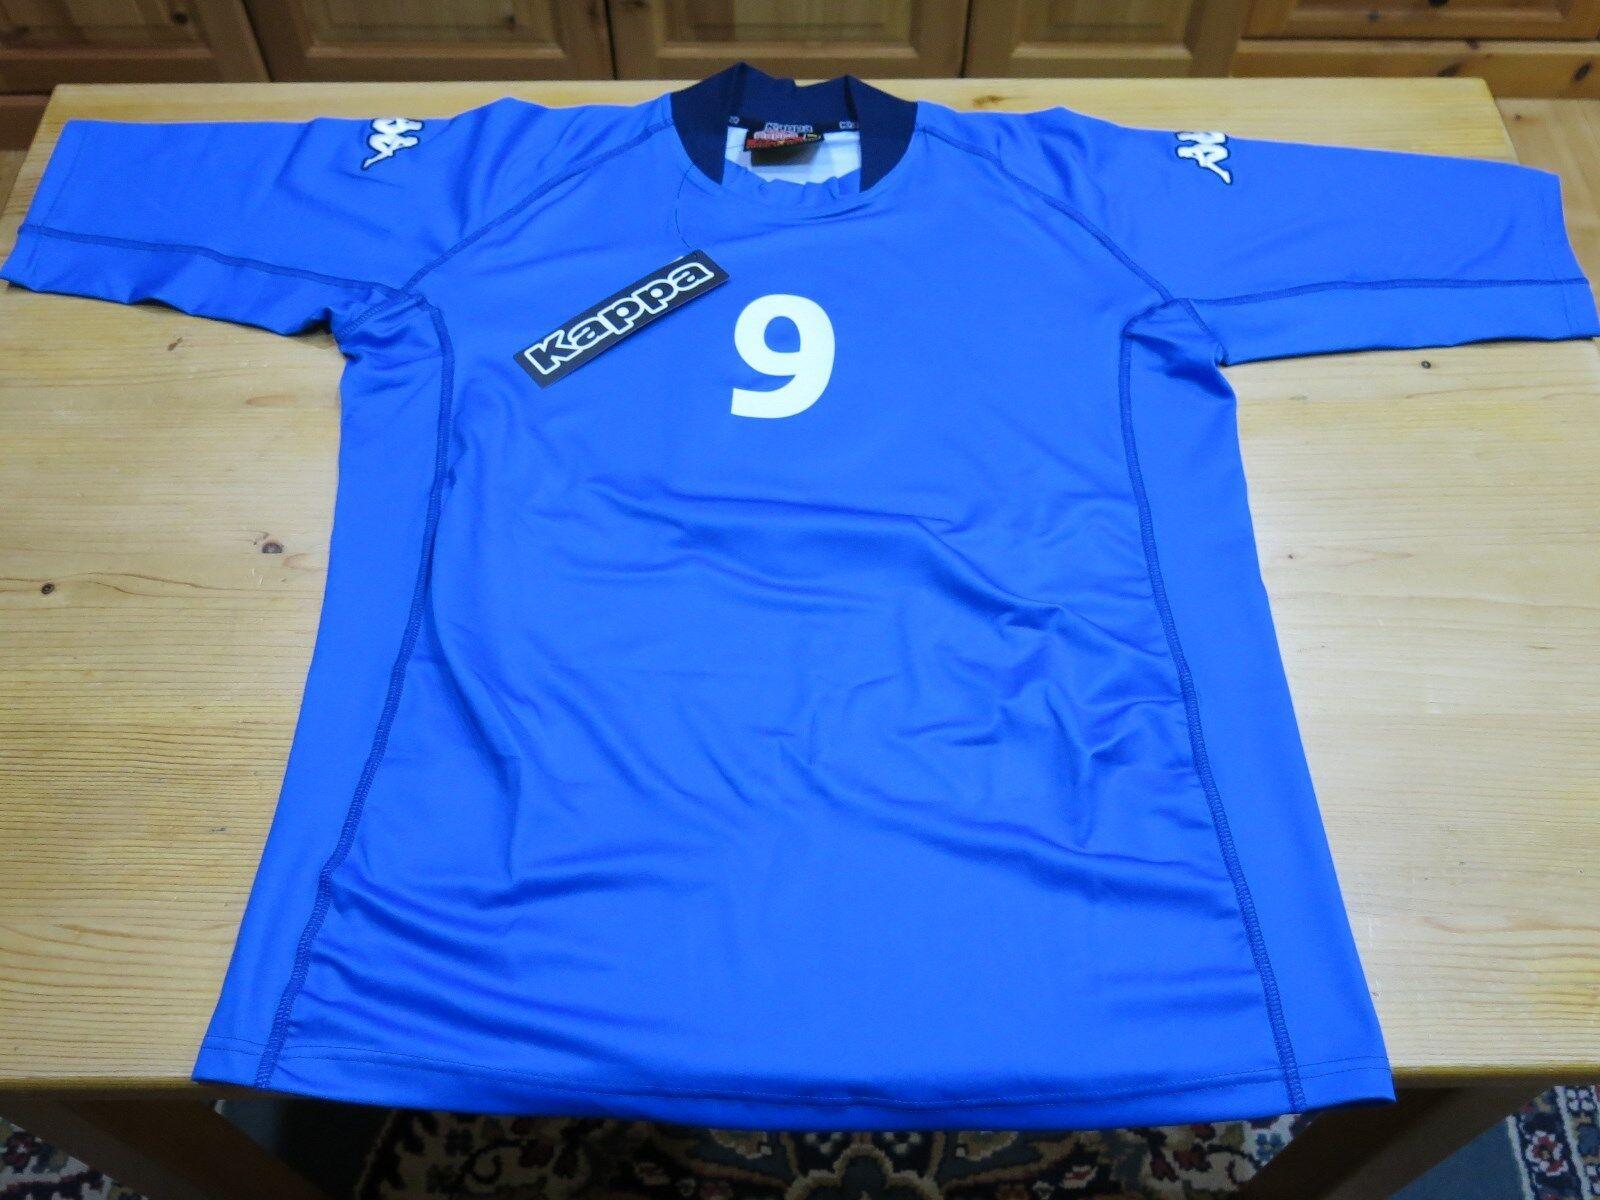 Original Kappa Italien Fußball Trikot Jersey Jahr 2001 Gr. XL (wie L)  | Vorzügliche Verarbeitung